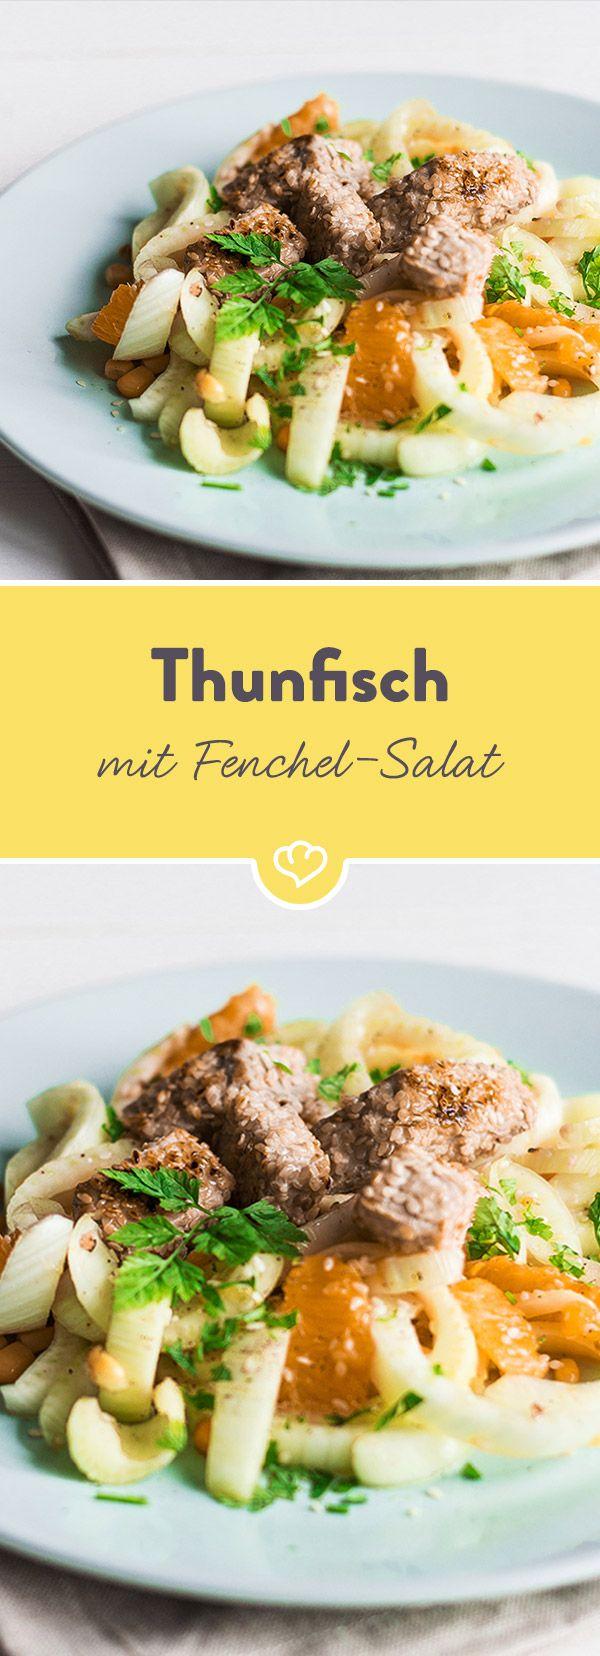 Thunfisch auf Orangen-Fenchel-Salat | Rezept | Fenchel, Thunfisch ...